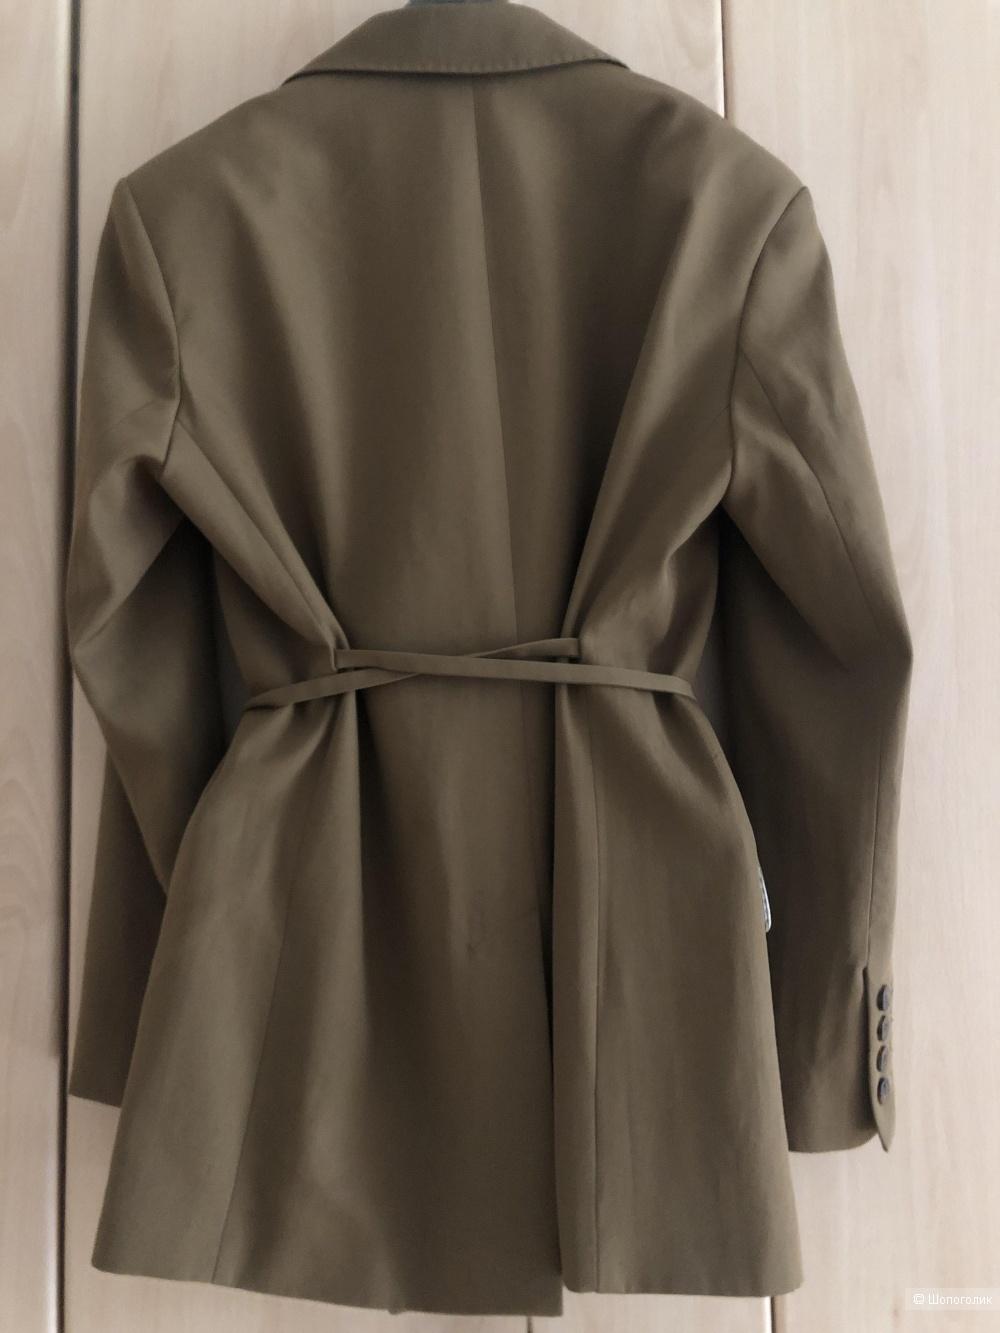 Пиджак Zara, размер S